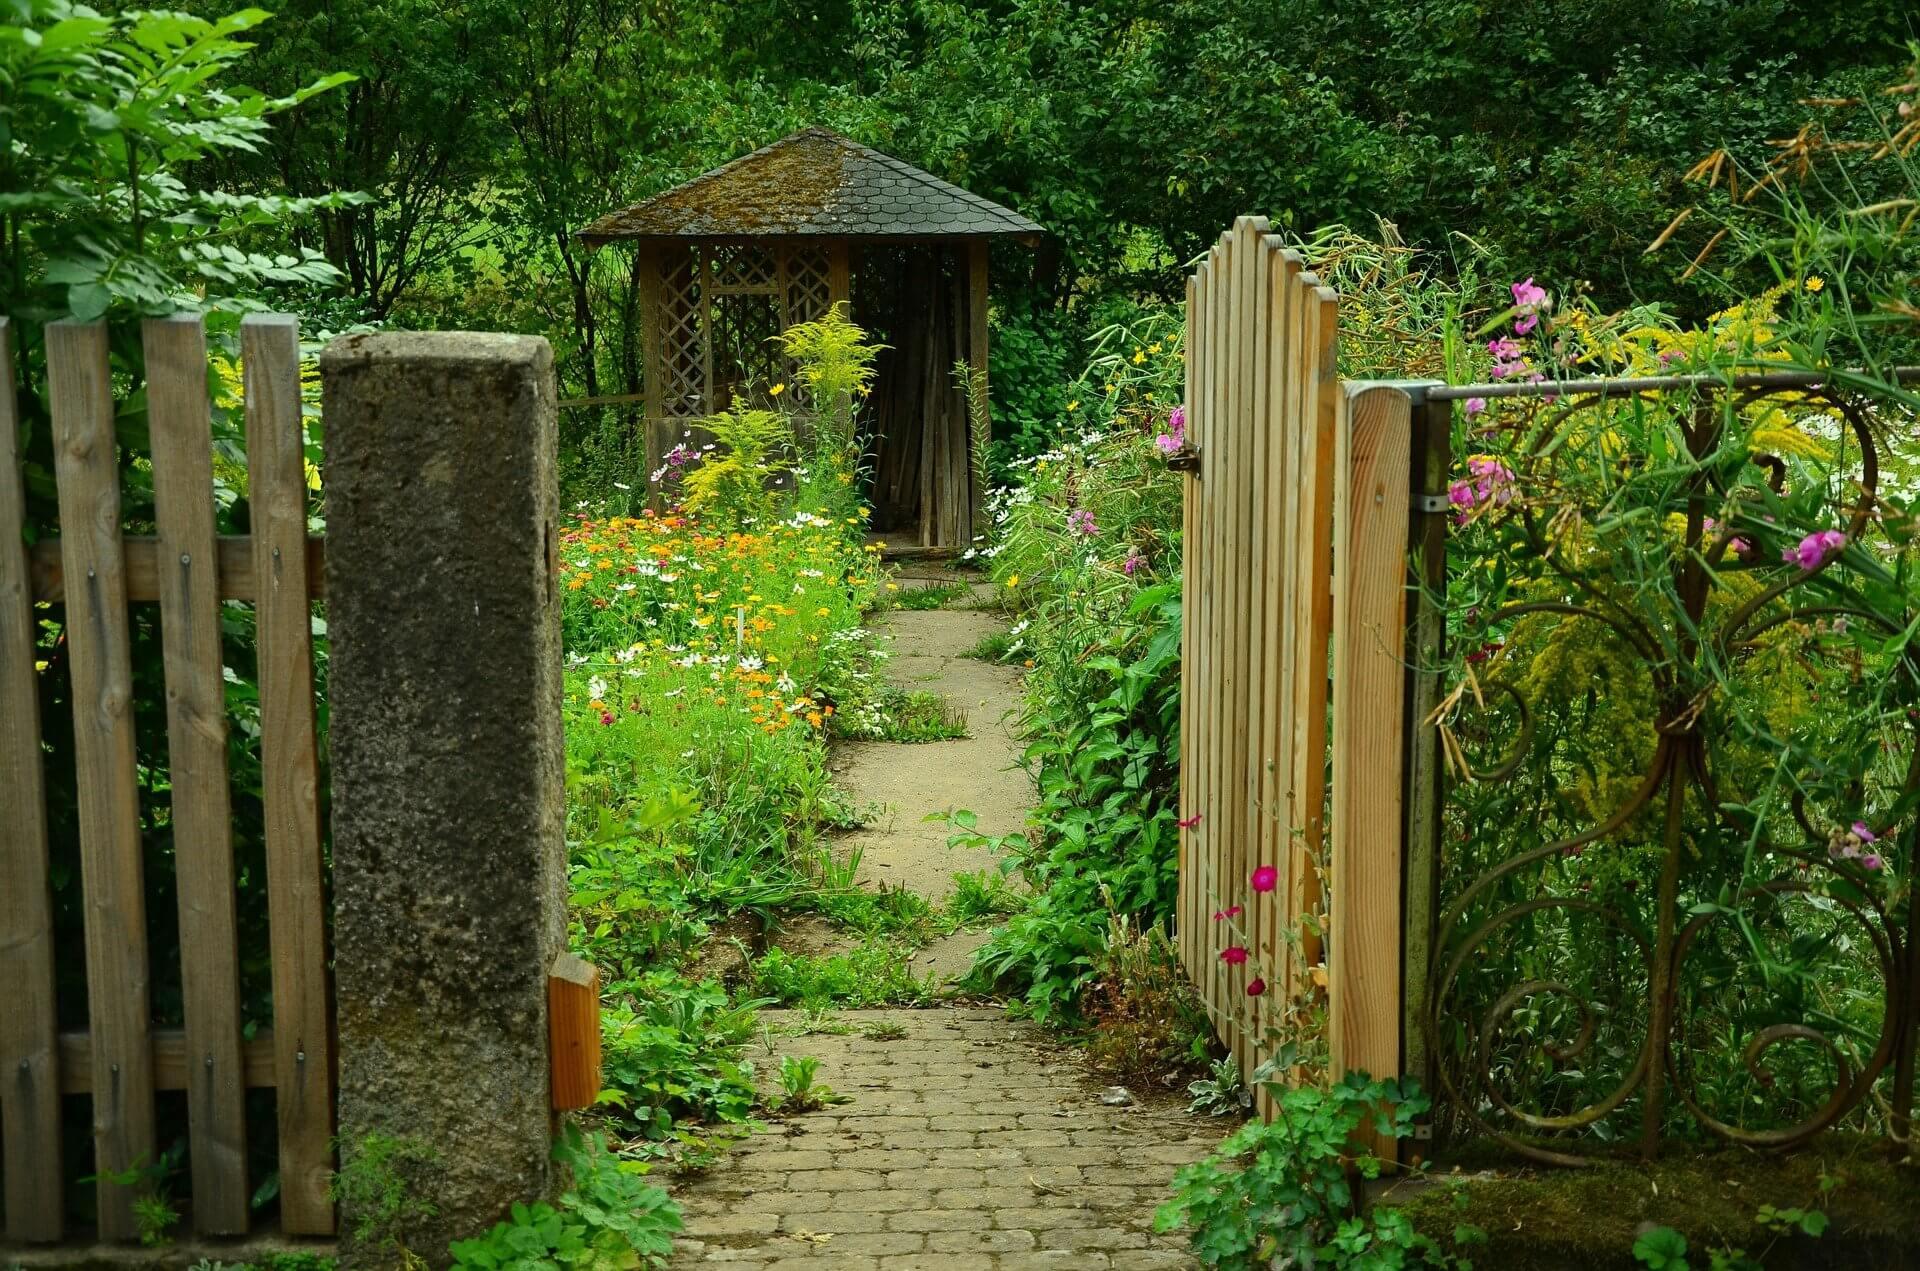 GULLIFER_giardino da favola